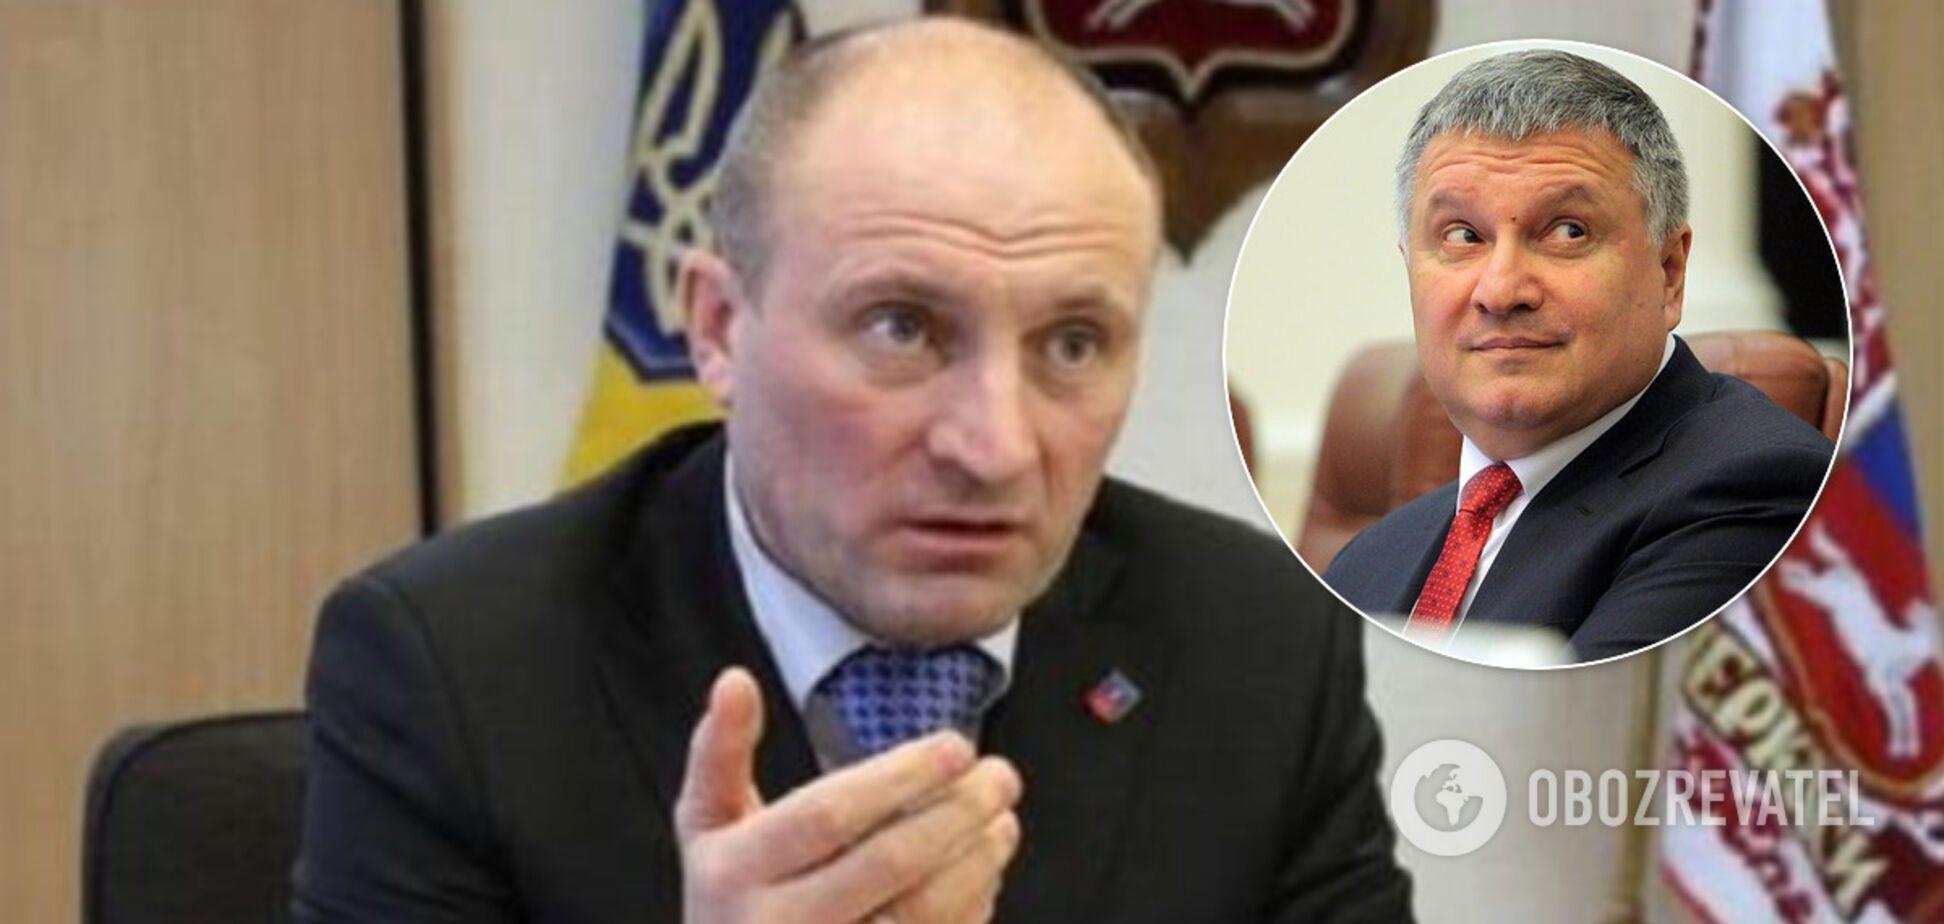 Мэр Черкасс ответил на угрозы Авакова из-за смягчения карантина